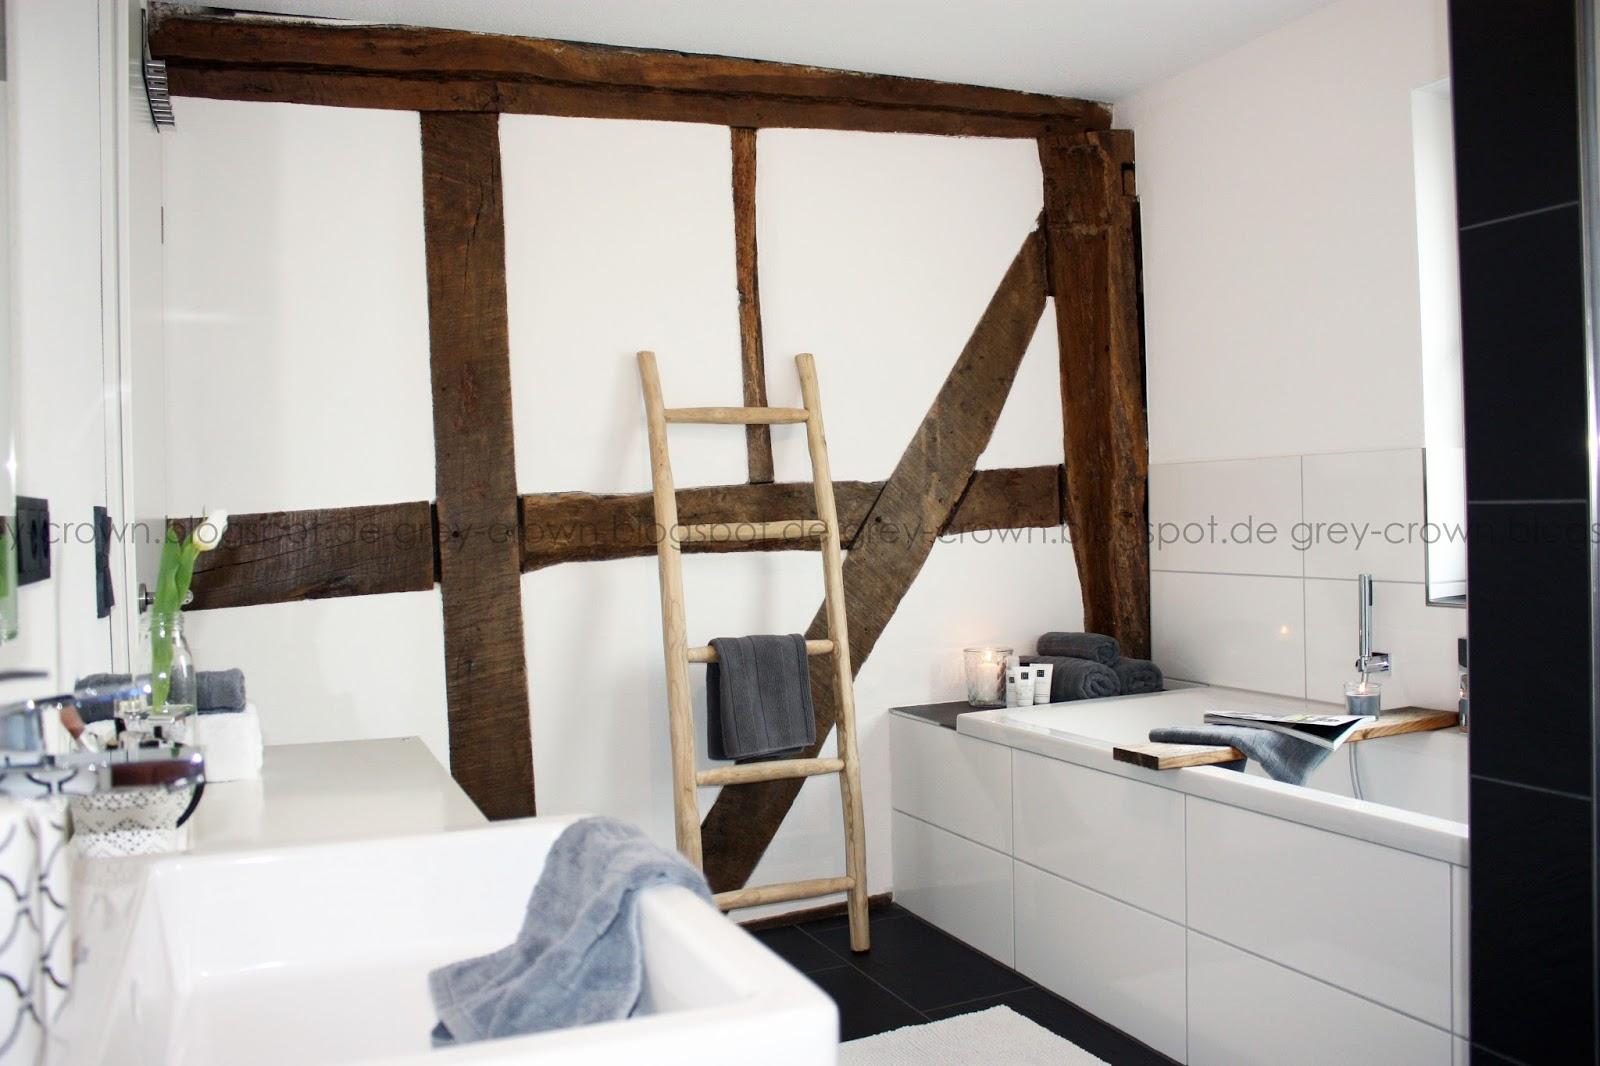 grey crown: Badezimmer - Vorher/Nachher